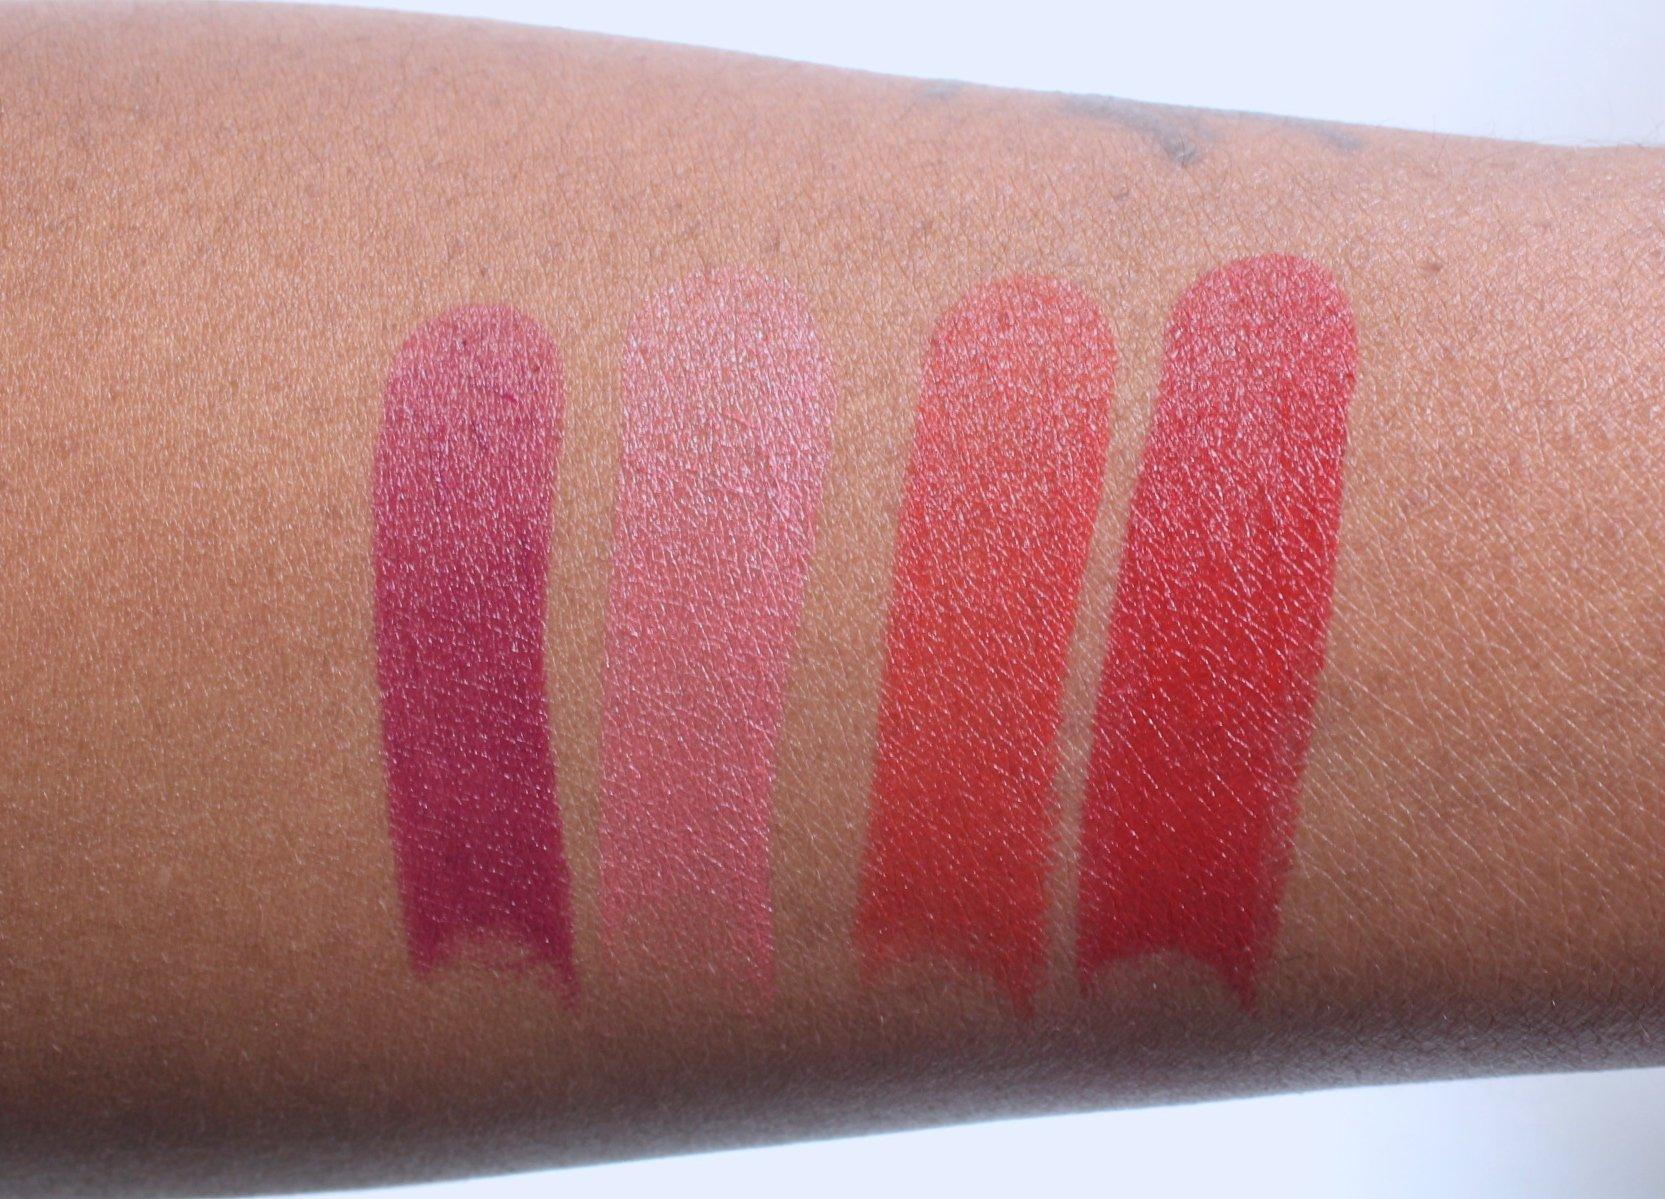 Jordana-Modern-Matte-Lipsticks-7